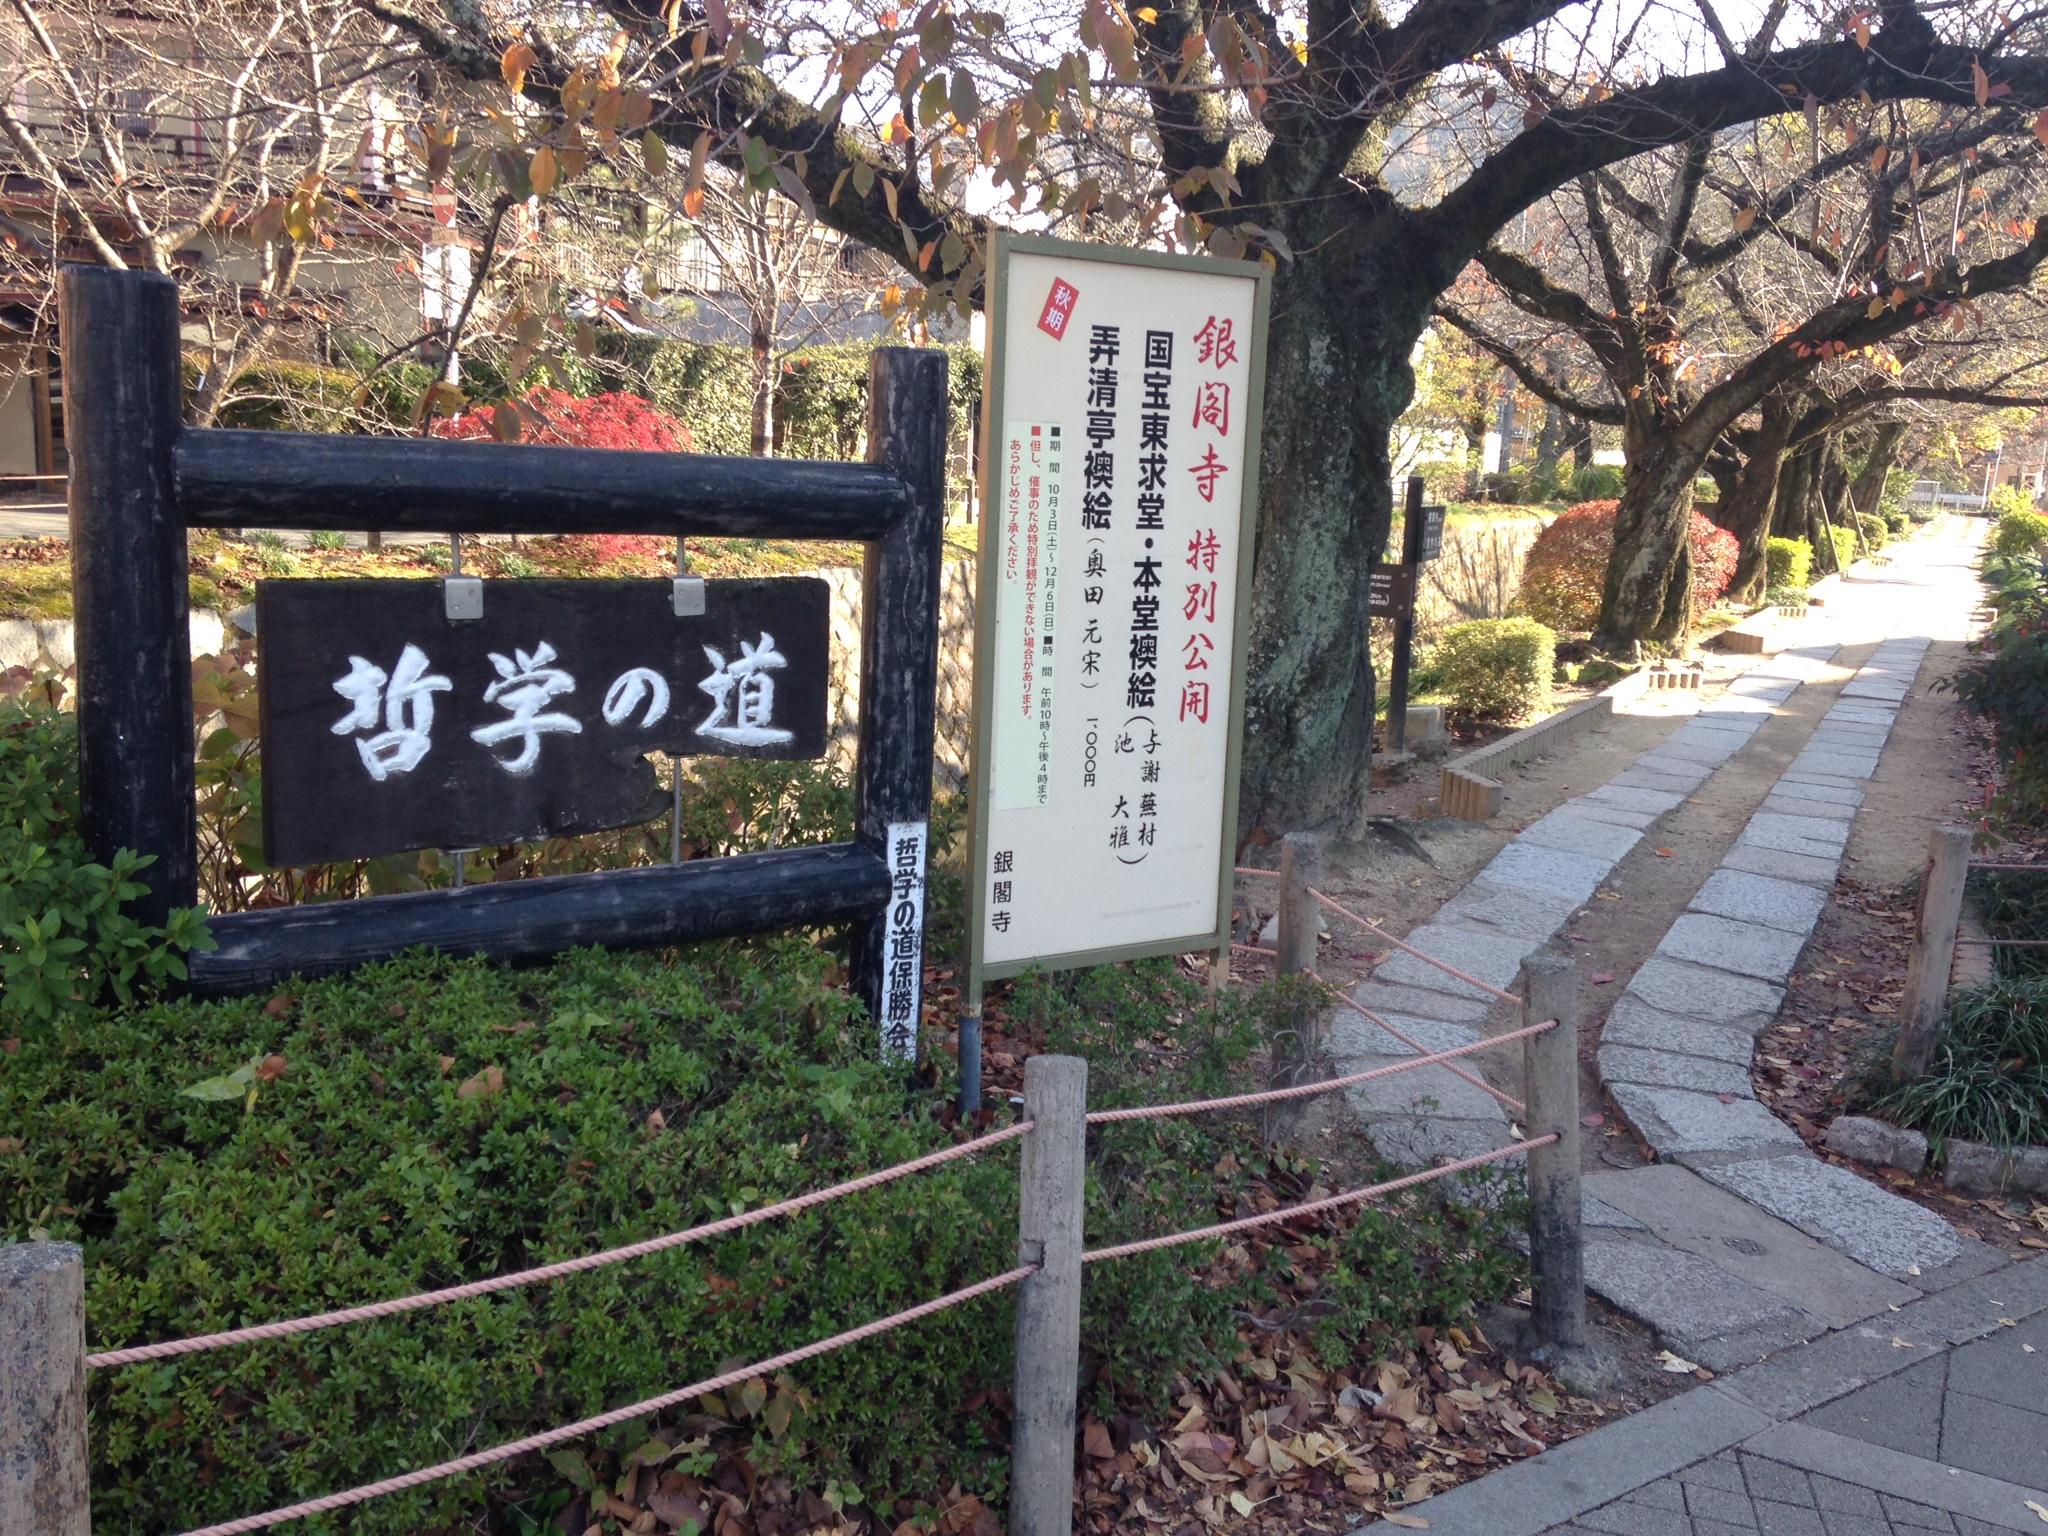 哲学の道へのアクセス‼京都駅からはバスがいいよ‼電車と車はオススメできない…